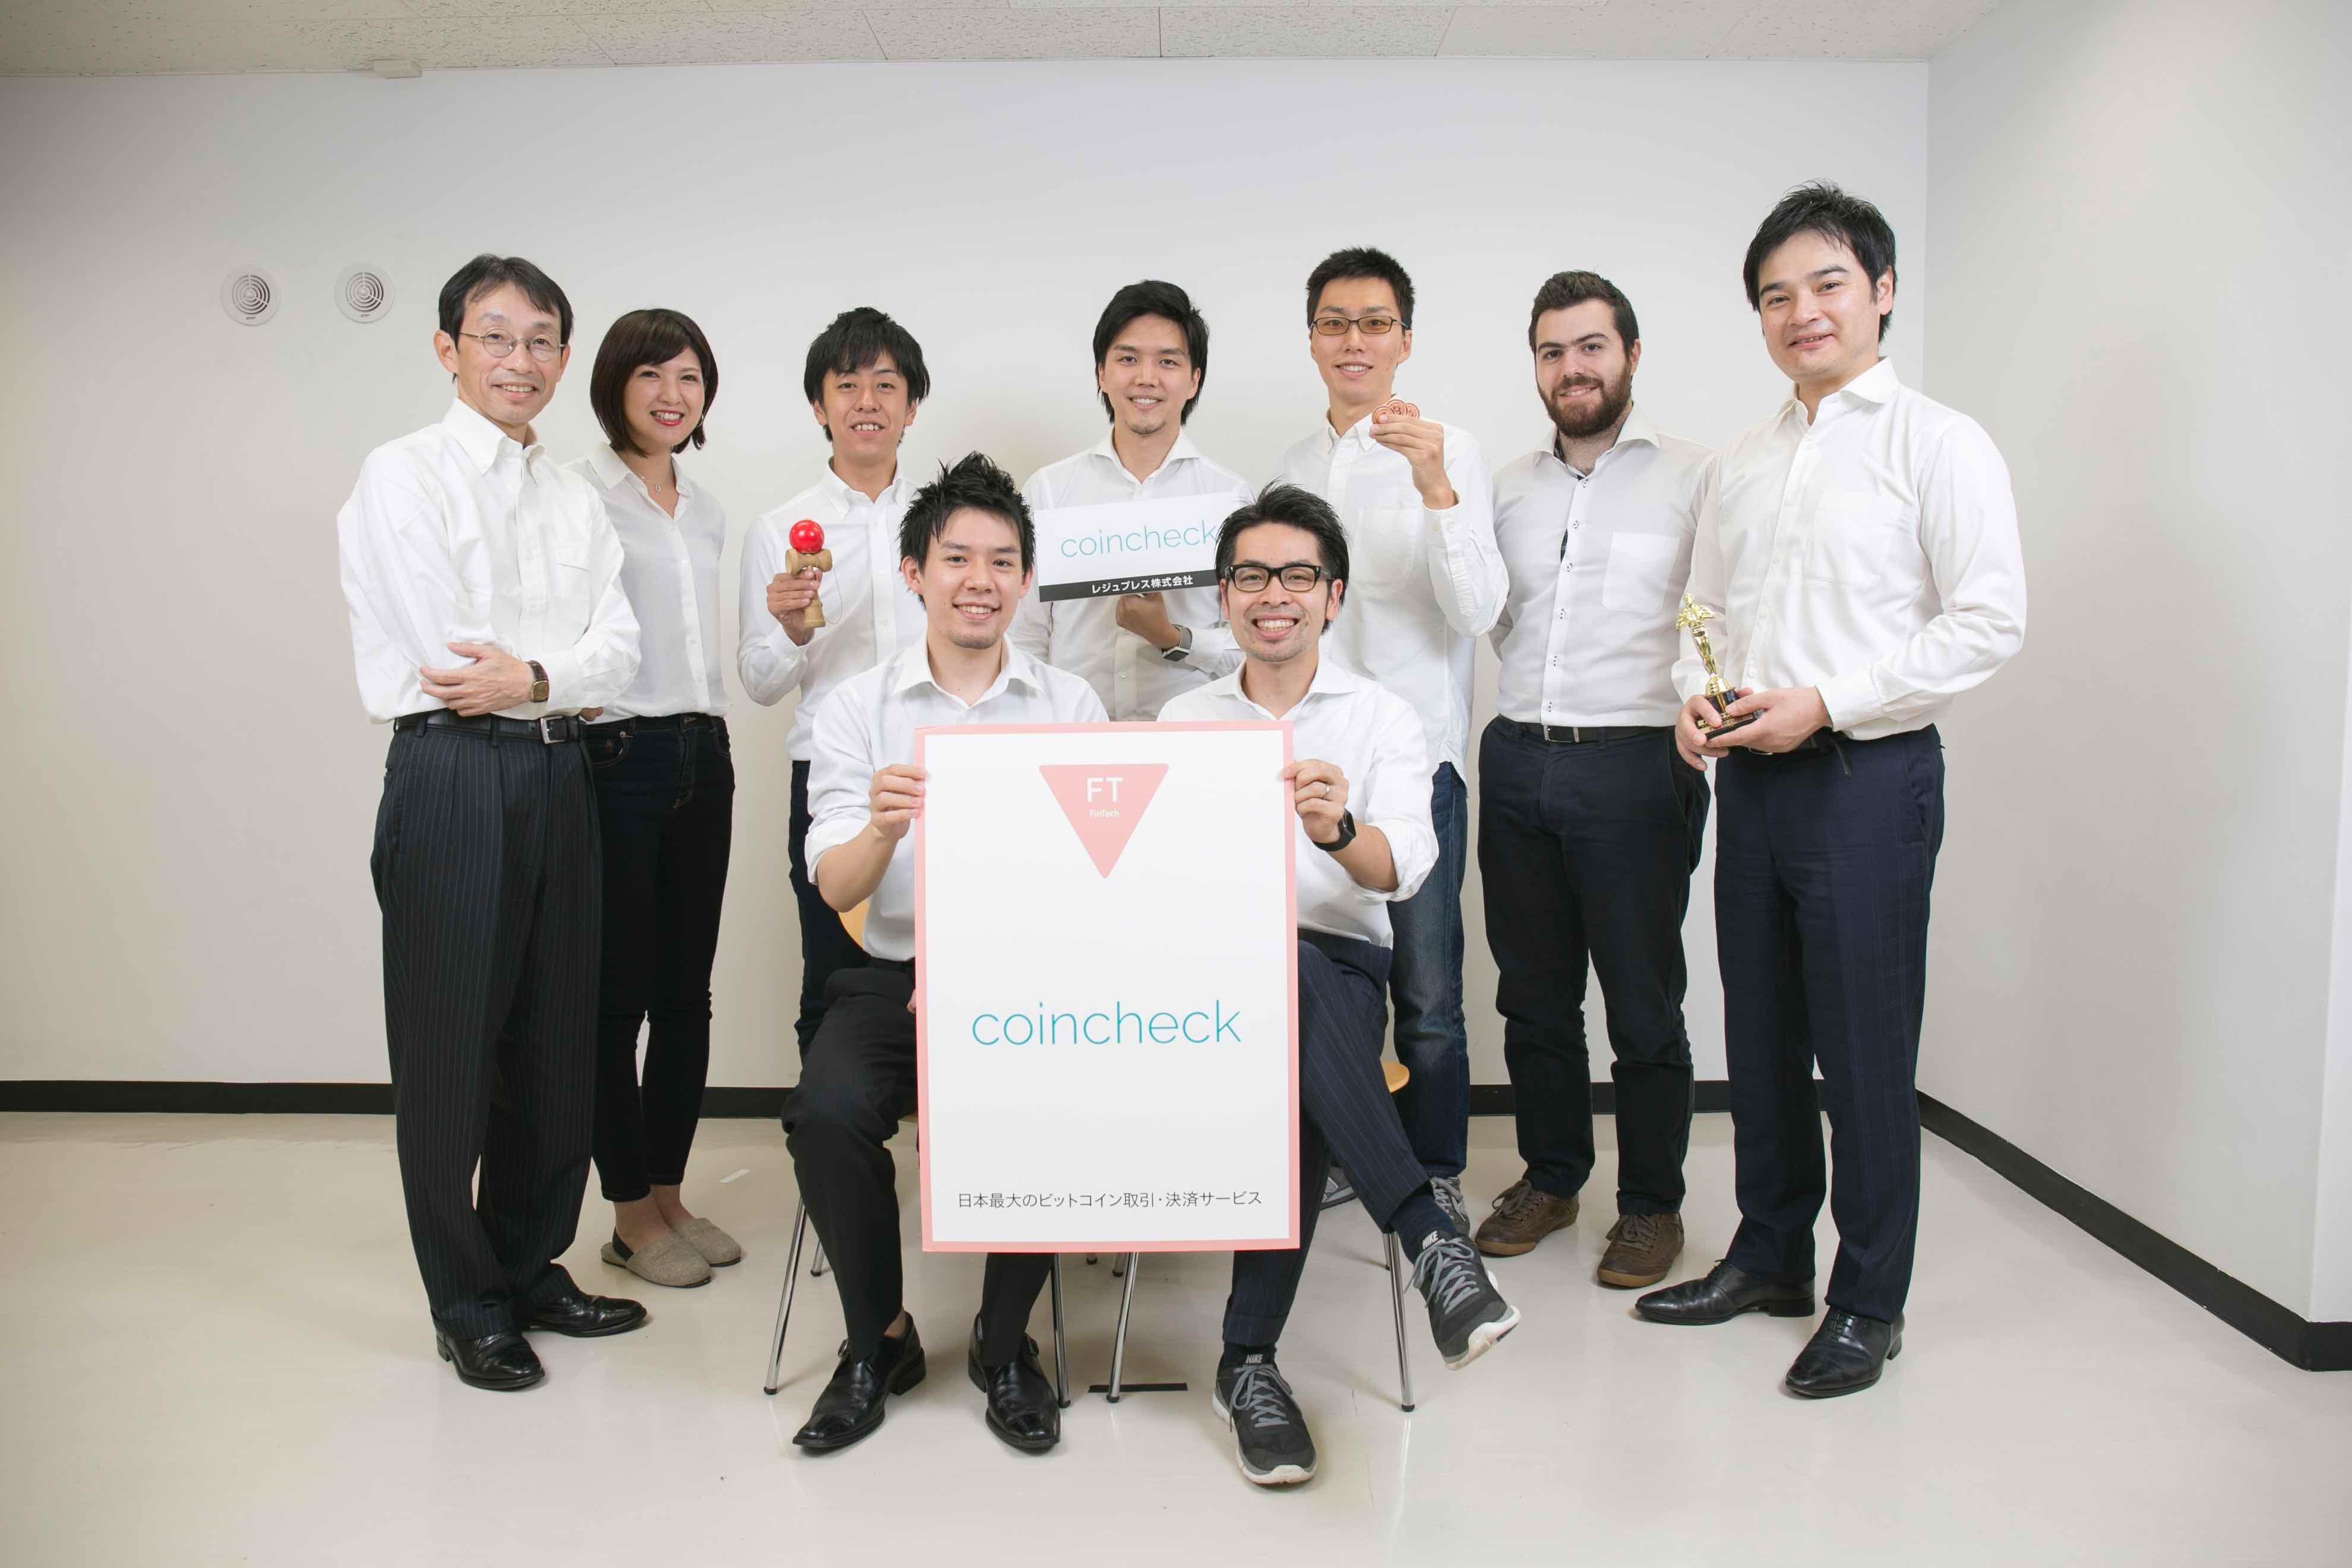 レジュプレス株式会社 恵比寿本社 のアルバイト情報